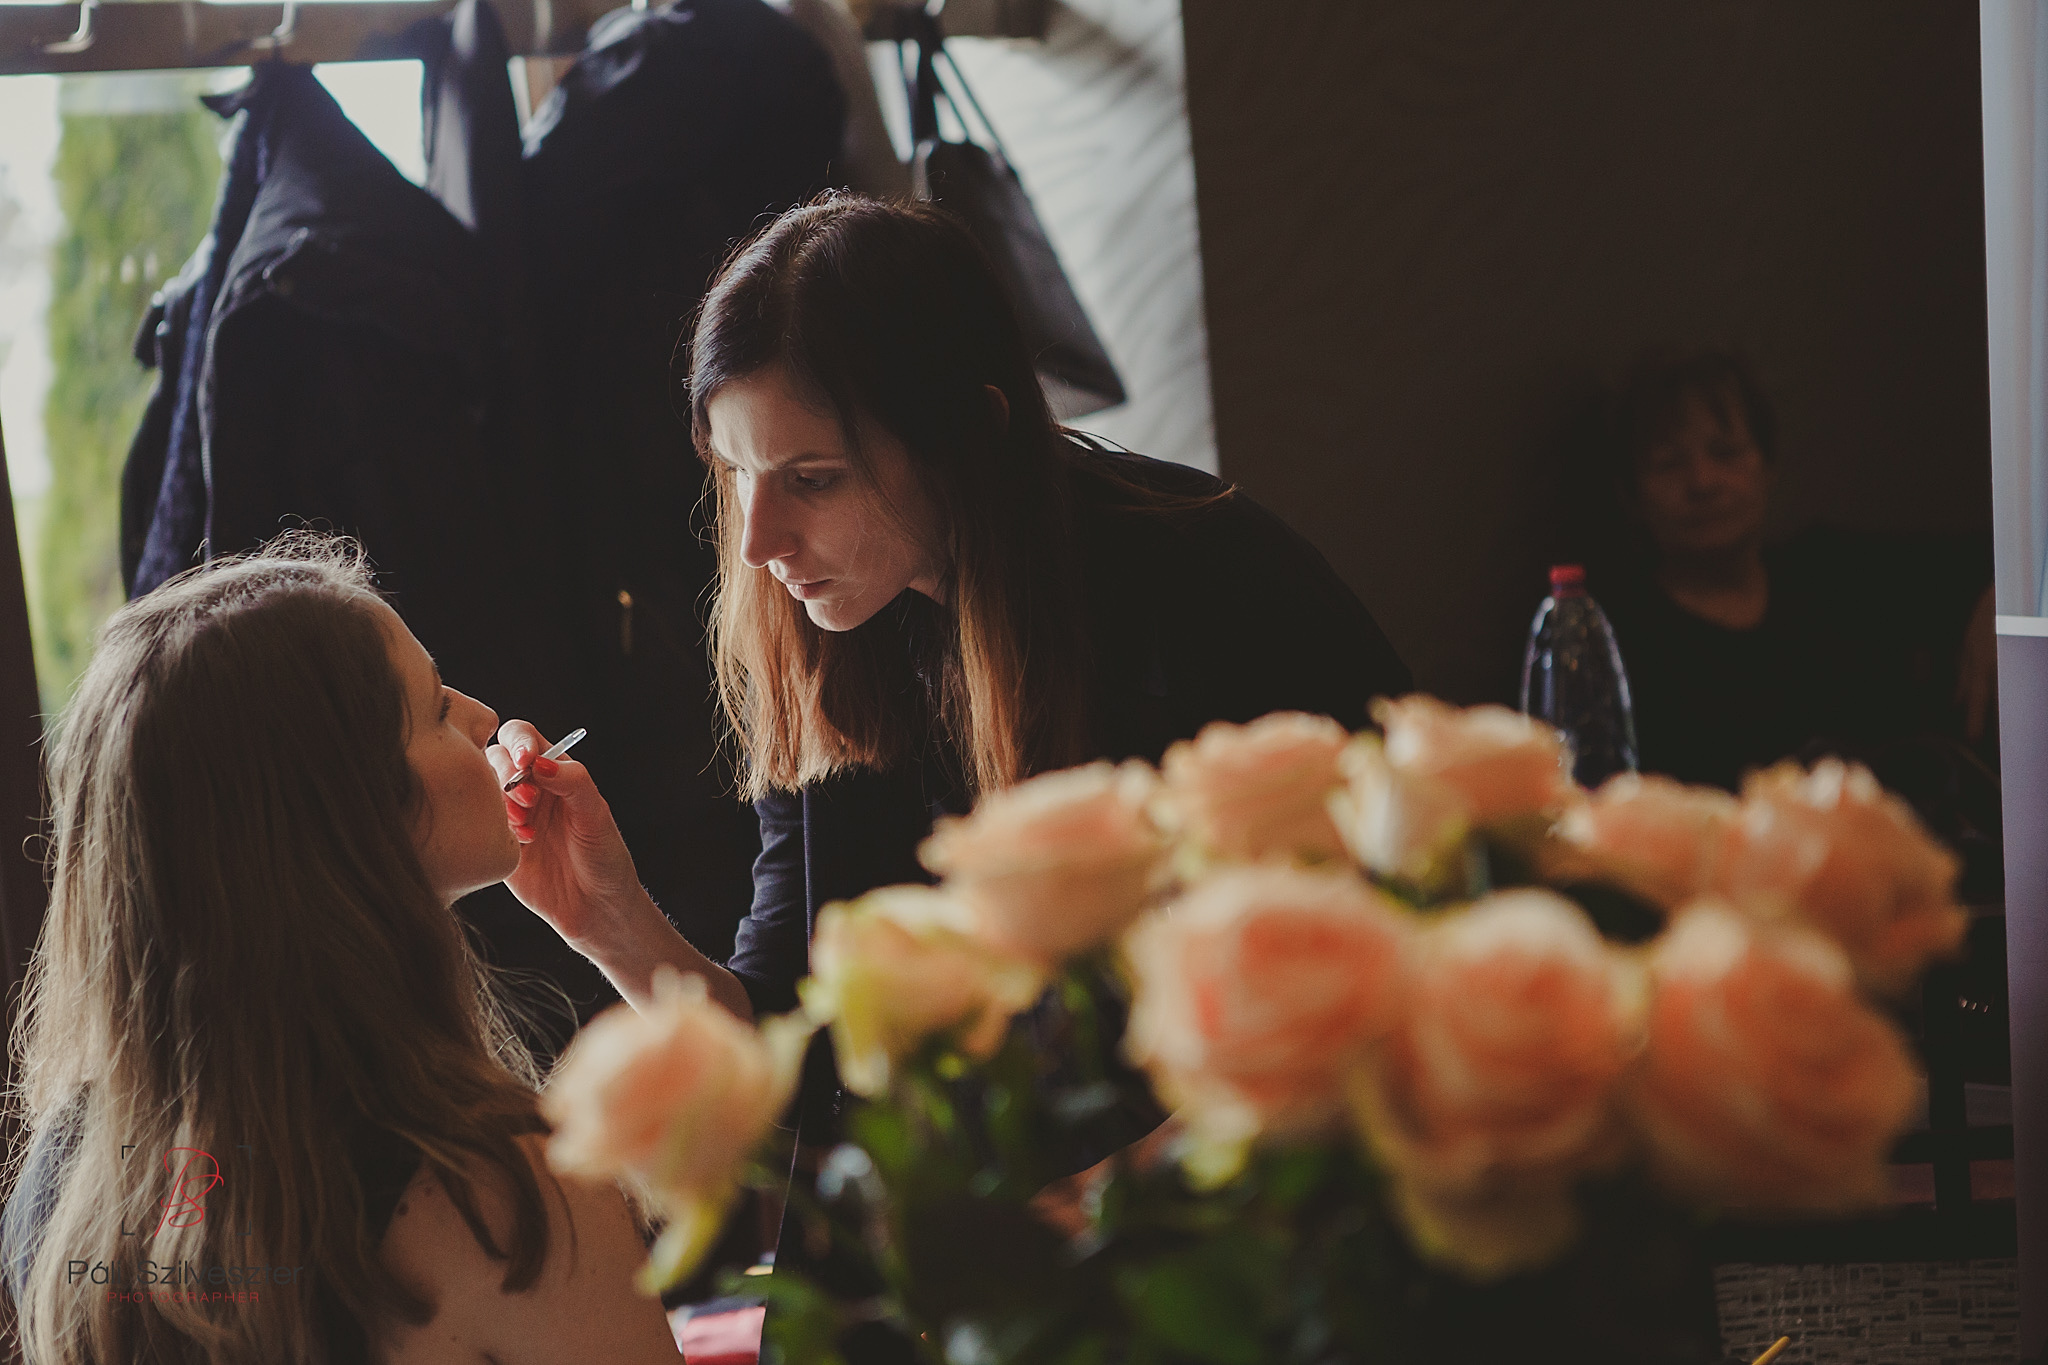 Páli-Szilveszter-székesfehérvári-esküvői-fotós-siófok-2016-02-28-1647.jpg